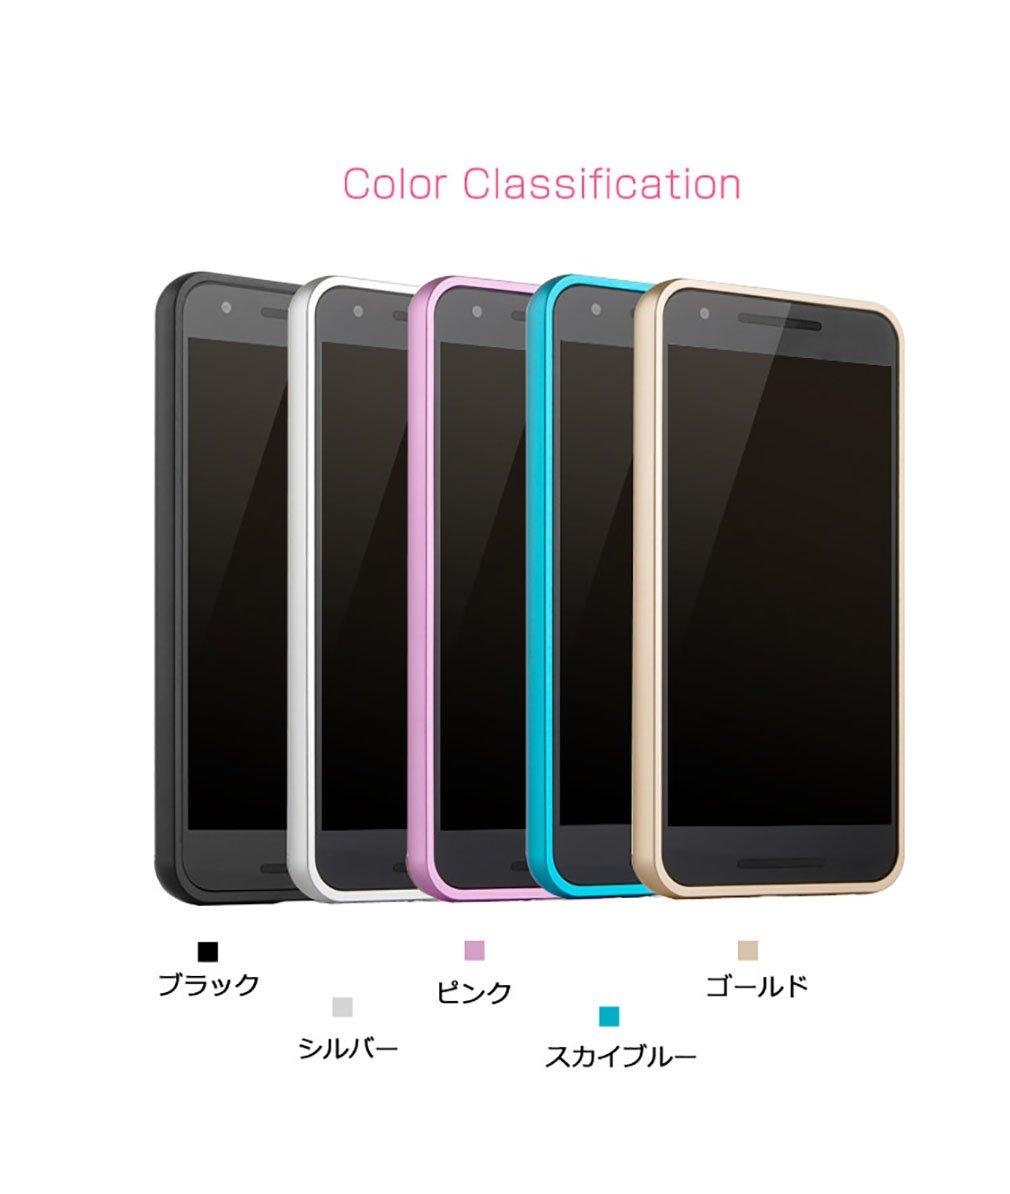 2481391485 Amazon | Nexus5X アルミバンパー ケース 背面パネル 背面カバー付き シンプルでかっこいい ネクサス5X用 メタル サイドバンパー  おすすめ おしゃれ スマホケース ...